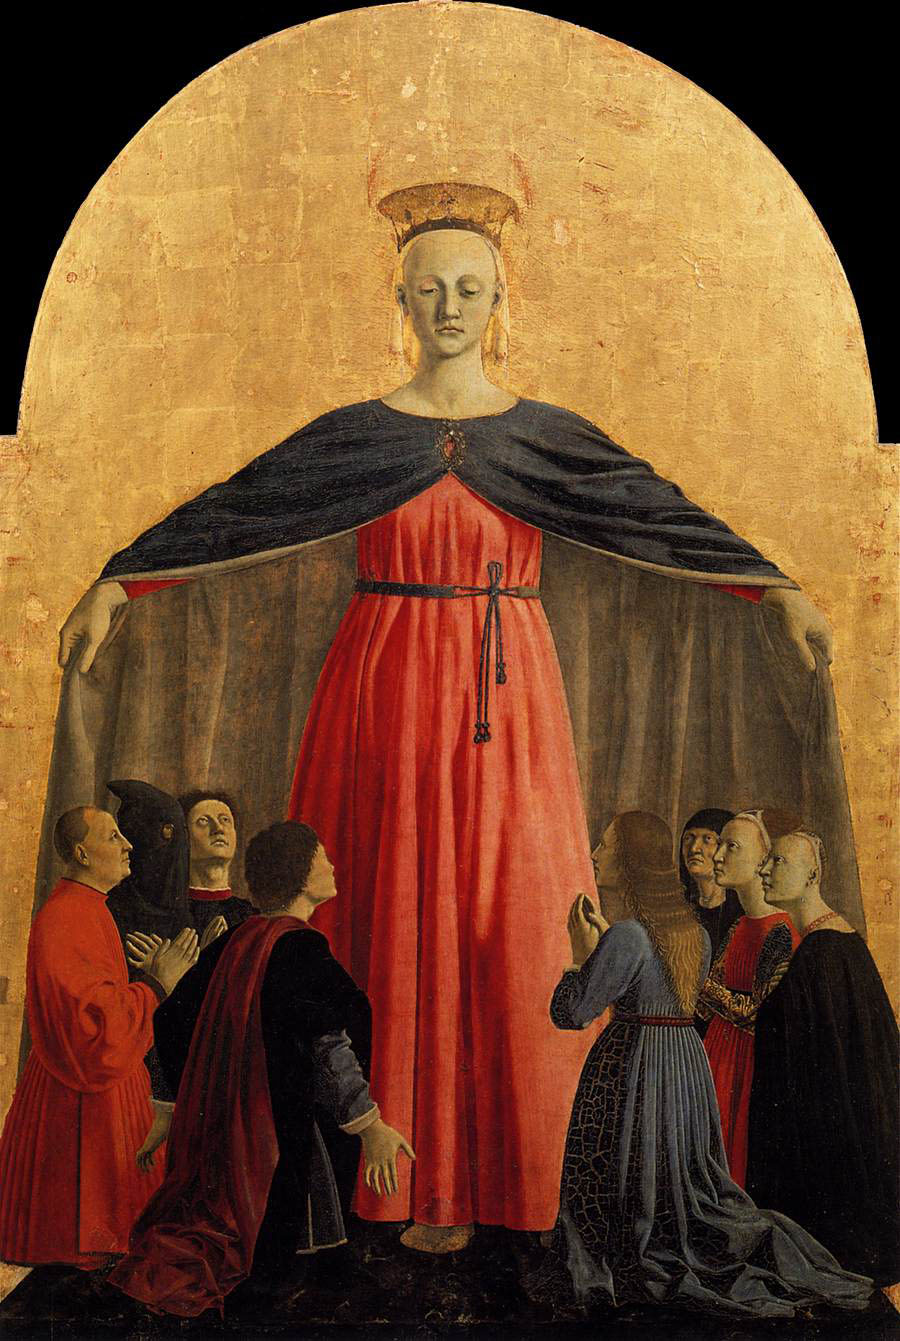 Detalle del Político de la Misericordia, 1445-62, temple sobre tabla, 273 x 323 cm, Borgo Sansepolcro, Museo Civico.